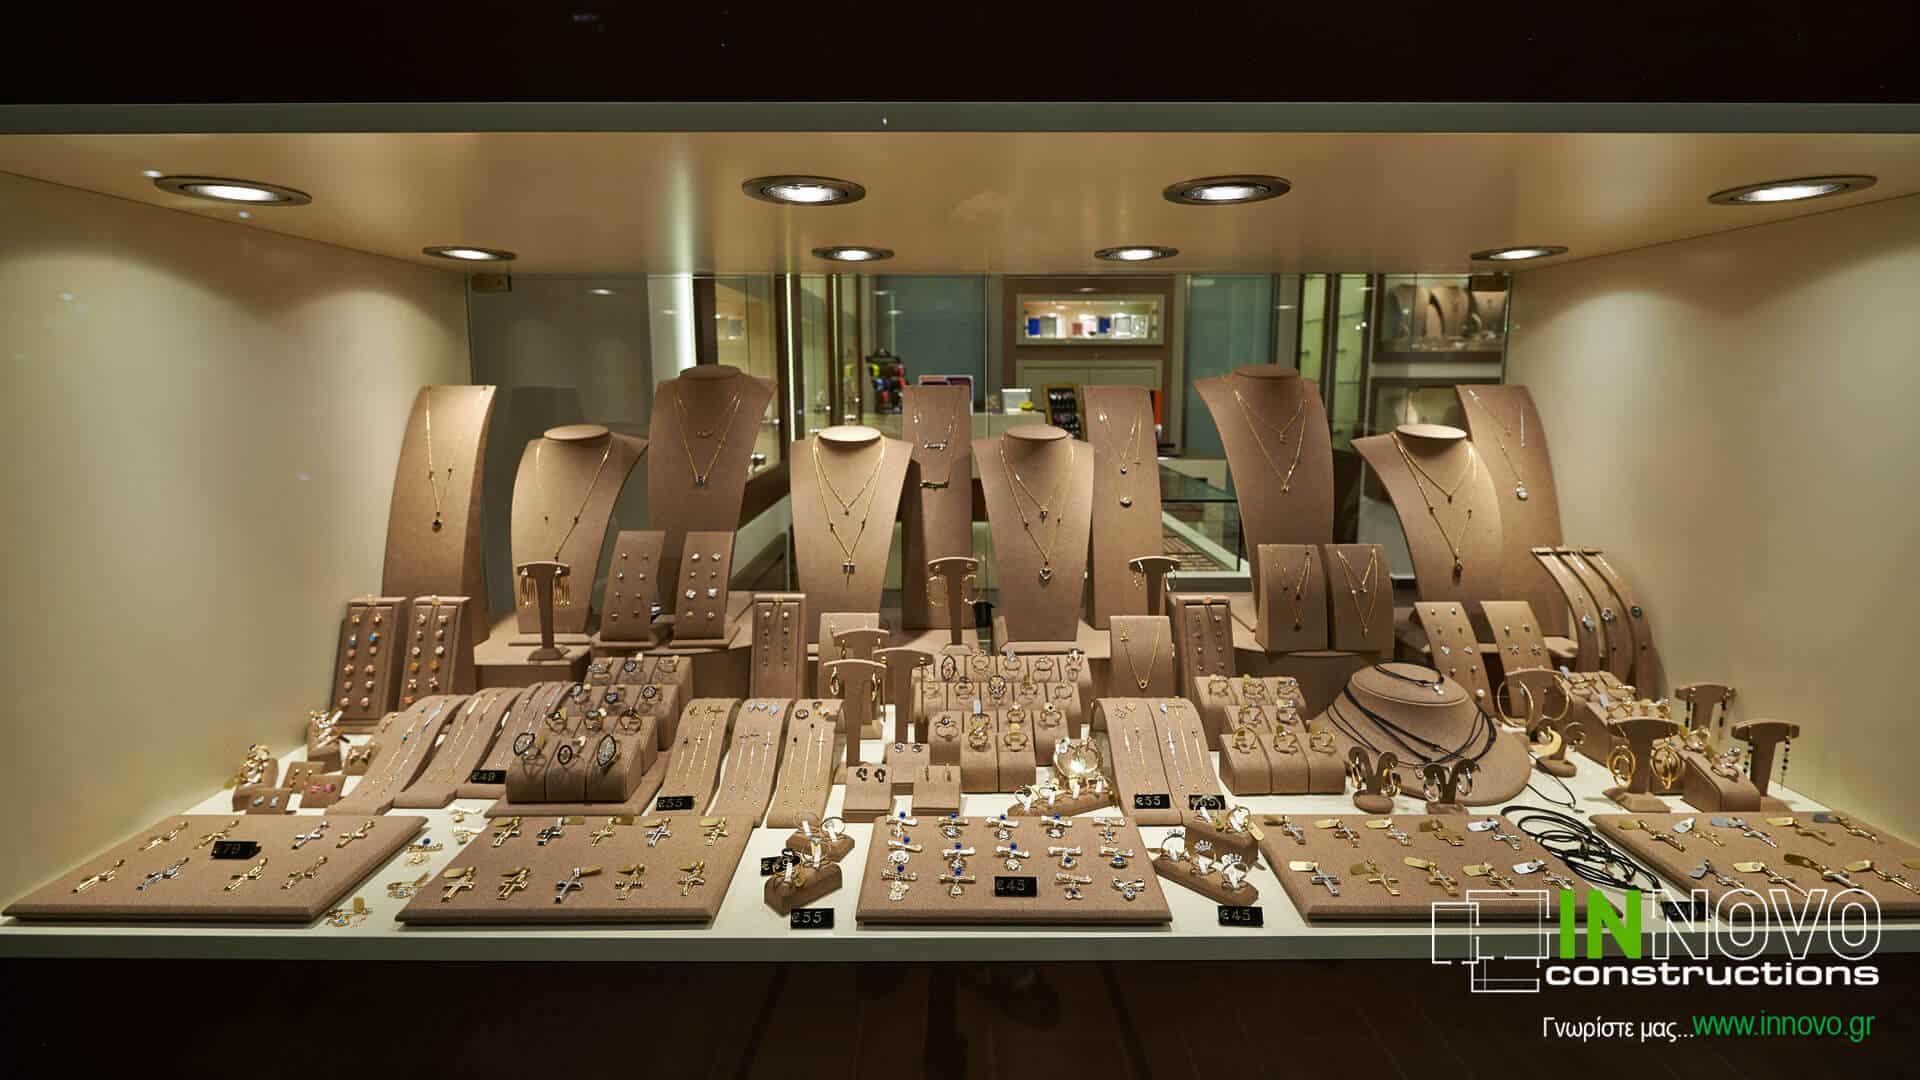 kataskevi-kosmimatopoleiou-jewelry-construction-kosmimatopoleio-neos-kosmos-1429-4